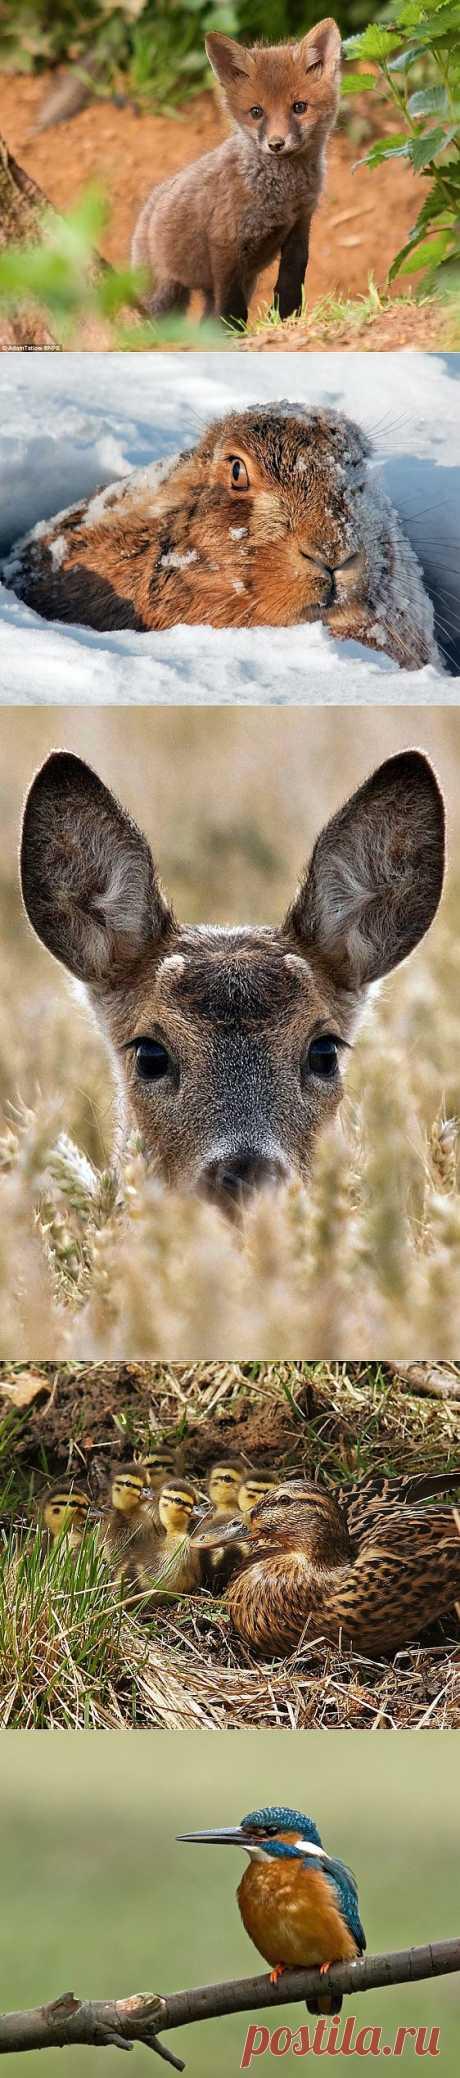 Фотографии животных от британского егеря Адама Татлоу | В мире интересного